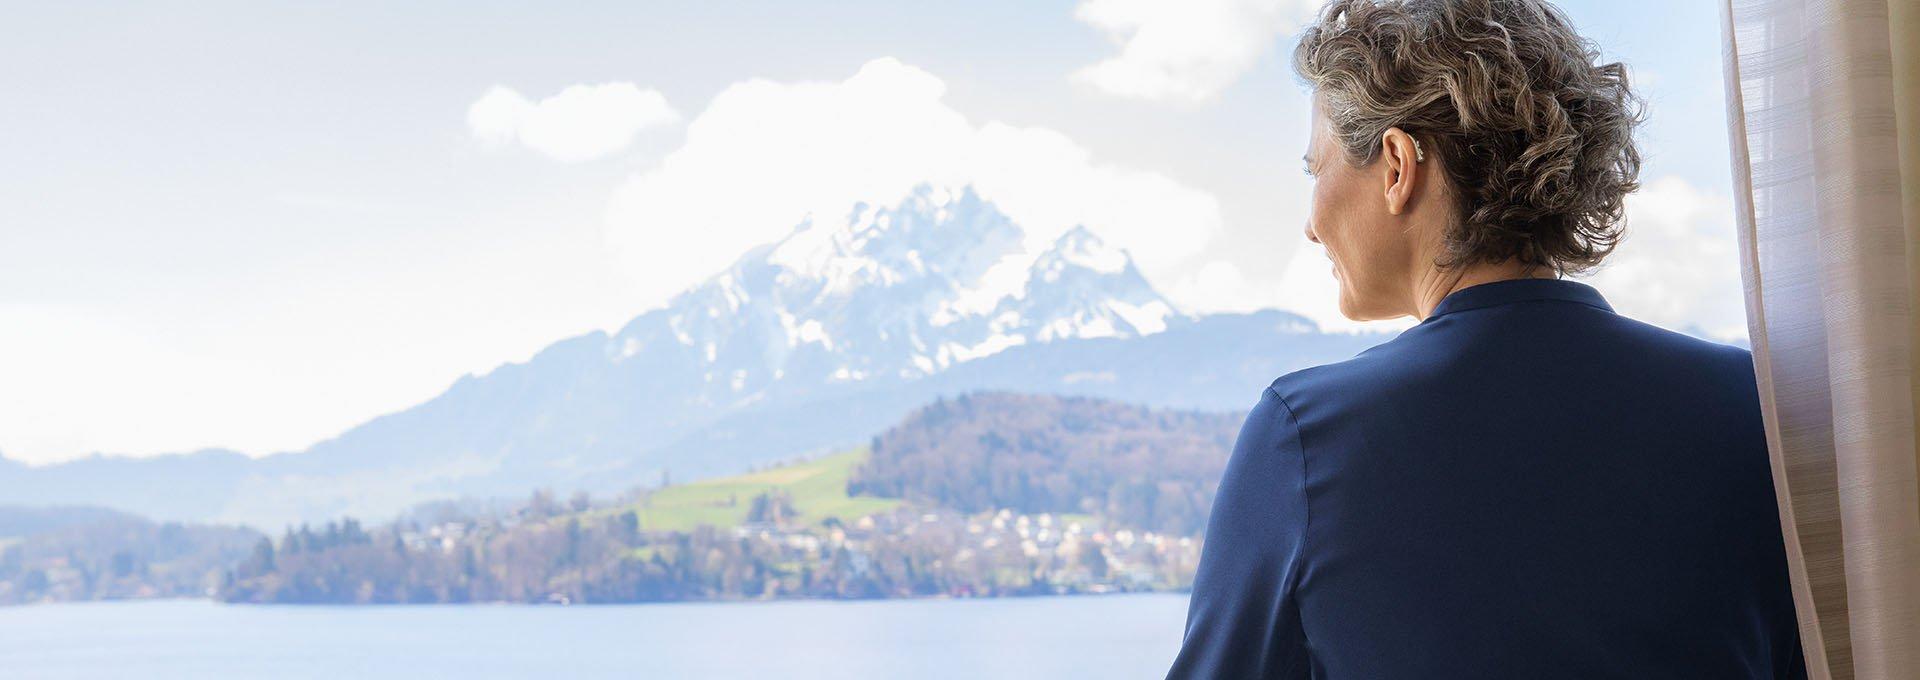 Kvinnan som bär Bernafon Alpha laddningsbara hörapparater njuter av schweizisk sjö och bergsutsikt från hotellfönstret